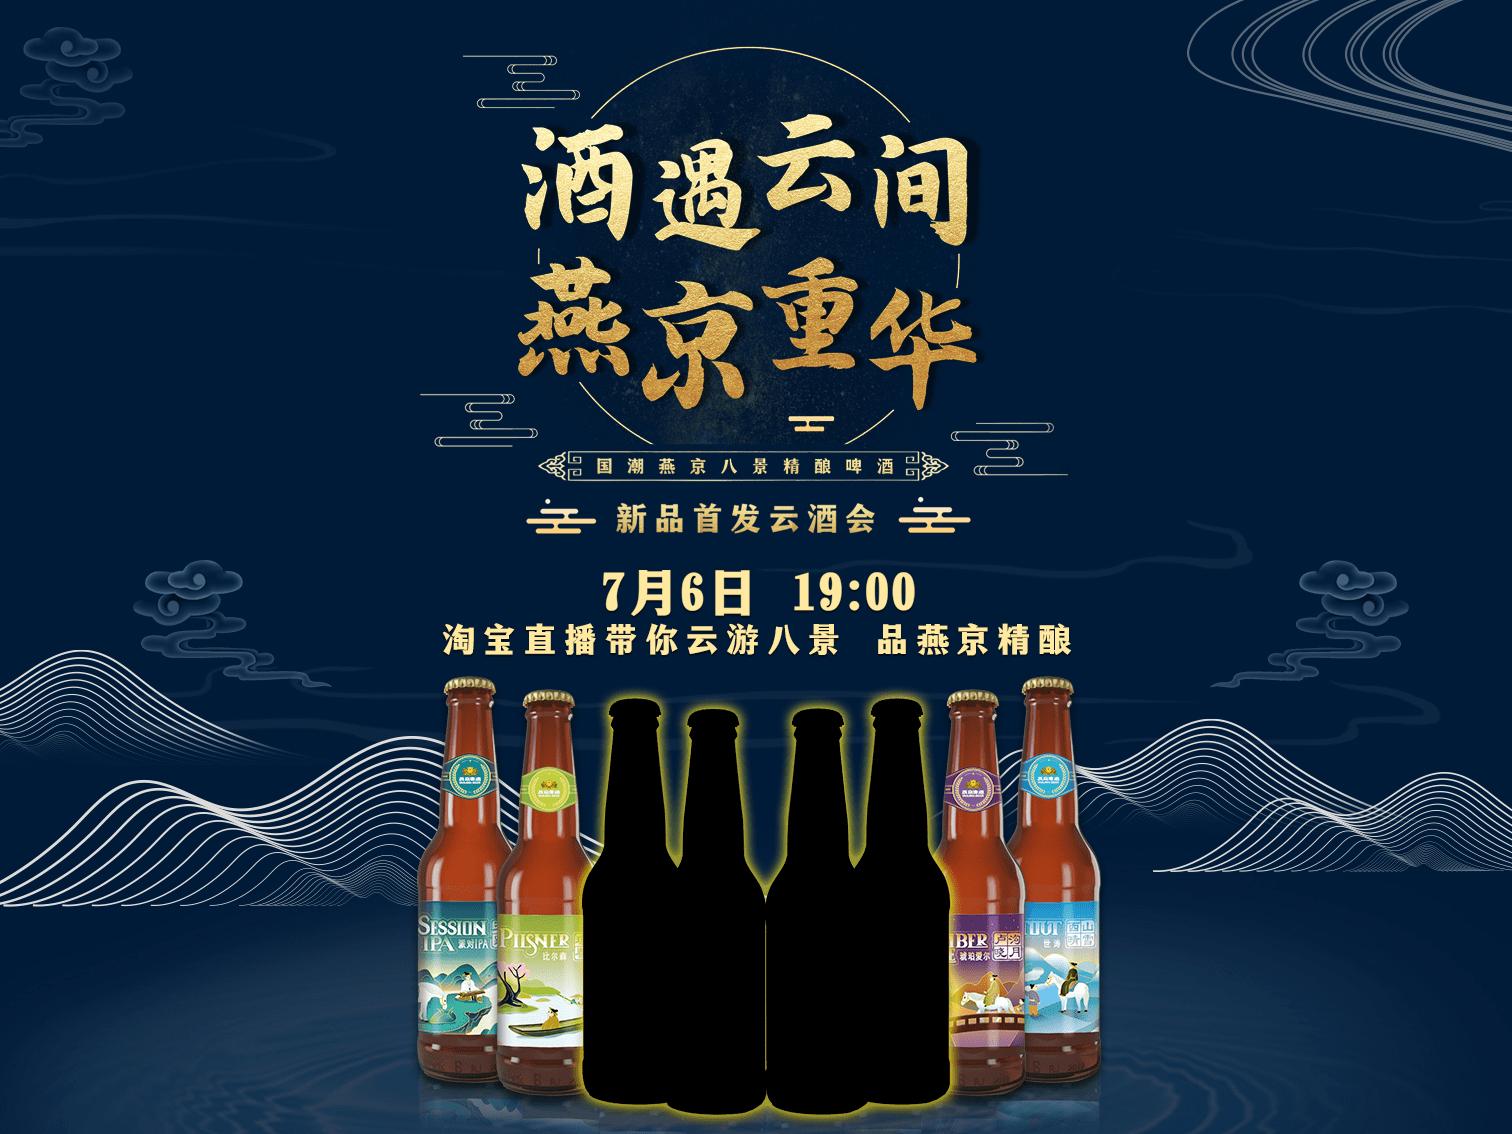 酒遇云间,燕京重华——国潮燕京八景精酿啤酒新品首发云酒会即将开启